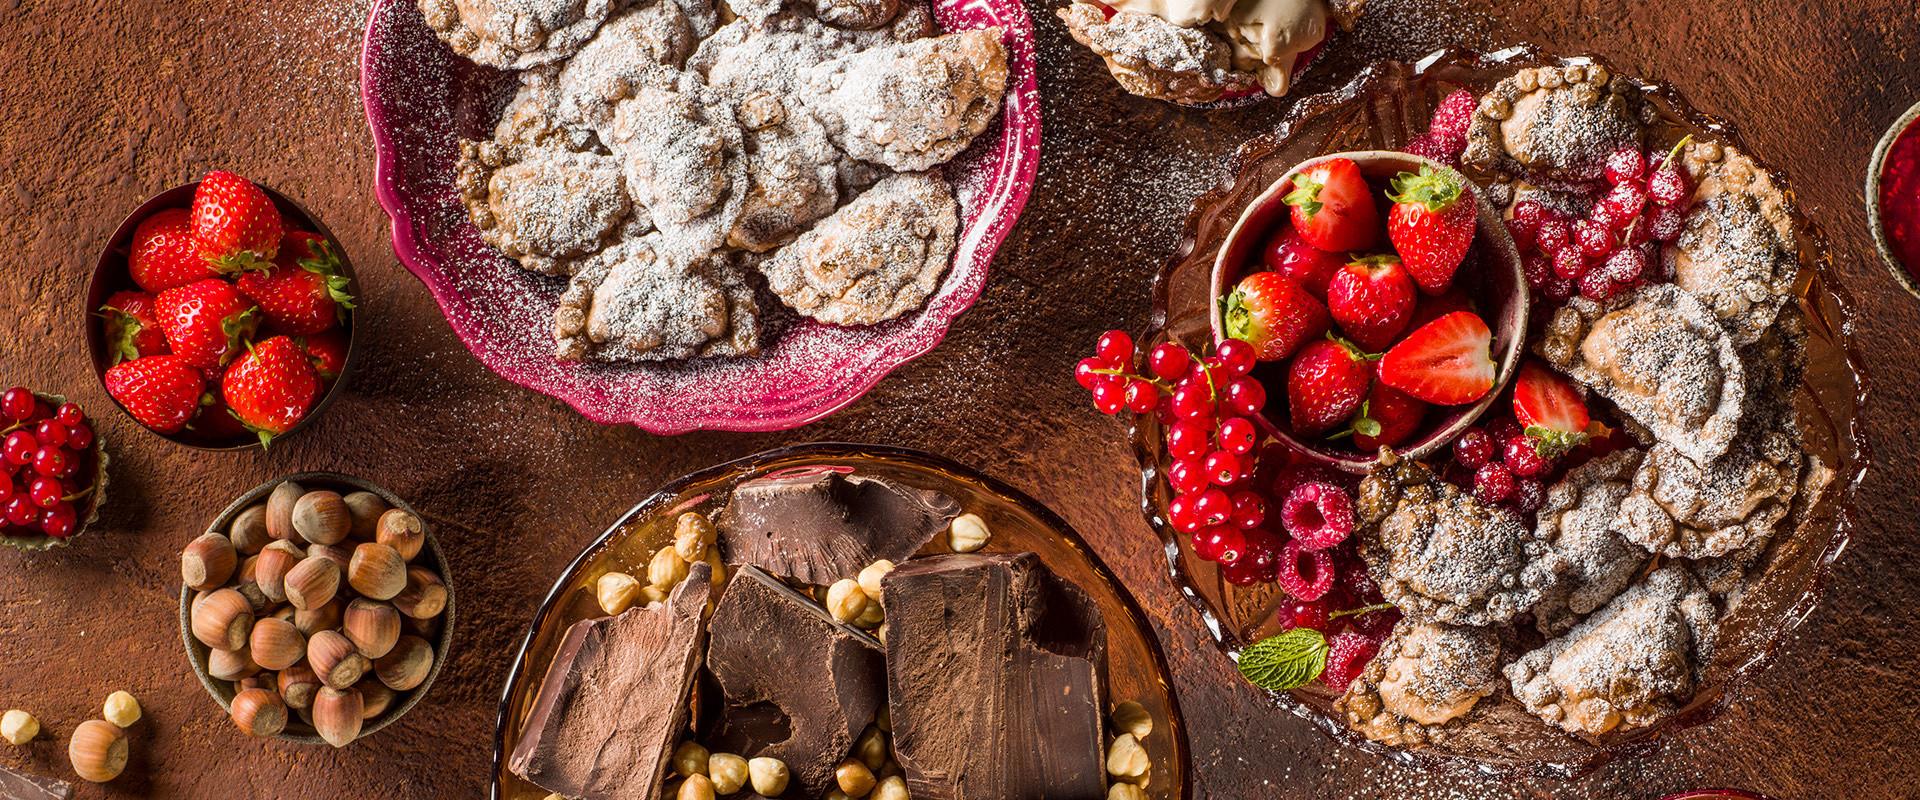 IT-ricette-ravioli-cioccolato-gran-banchetto-D.jpg